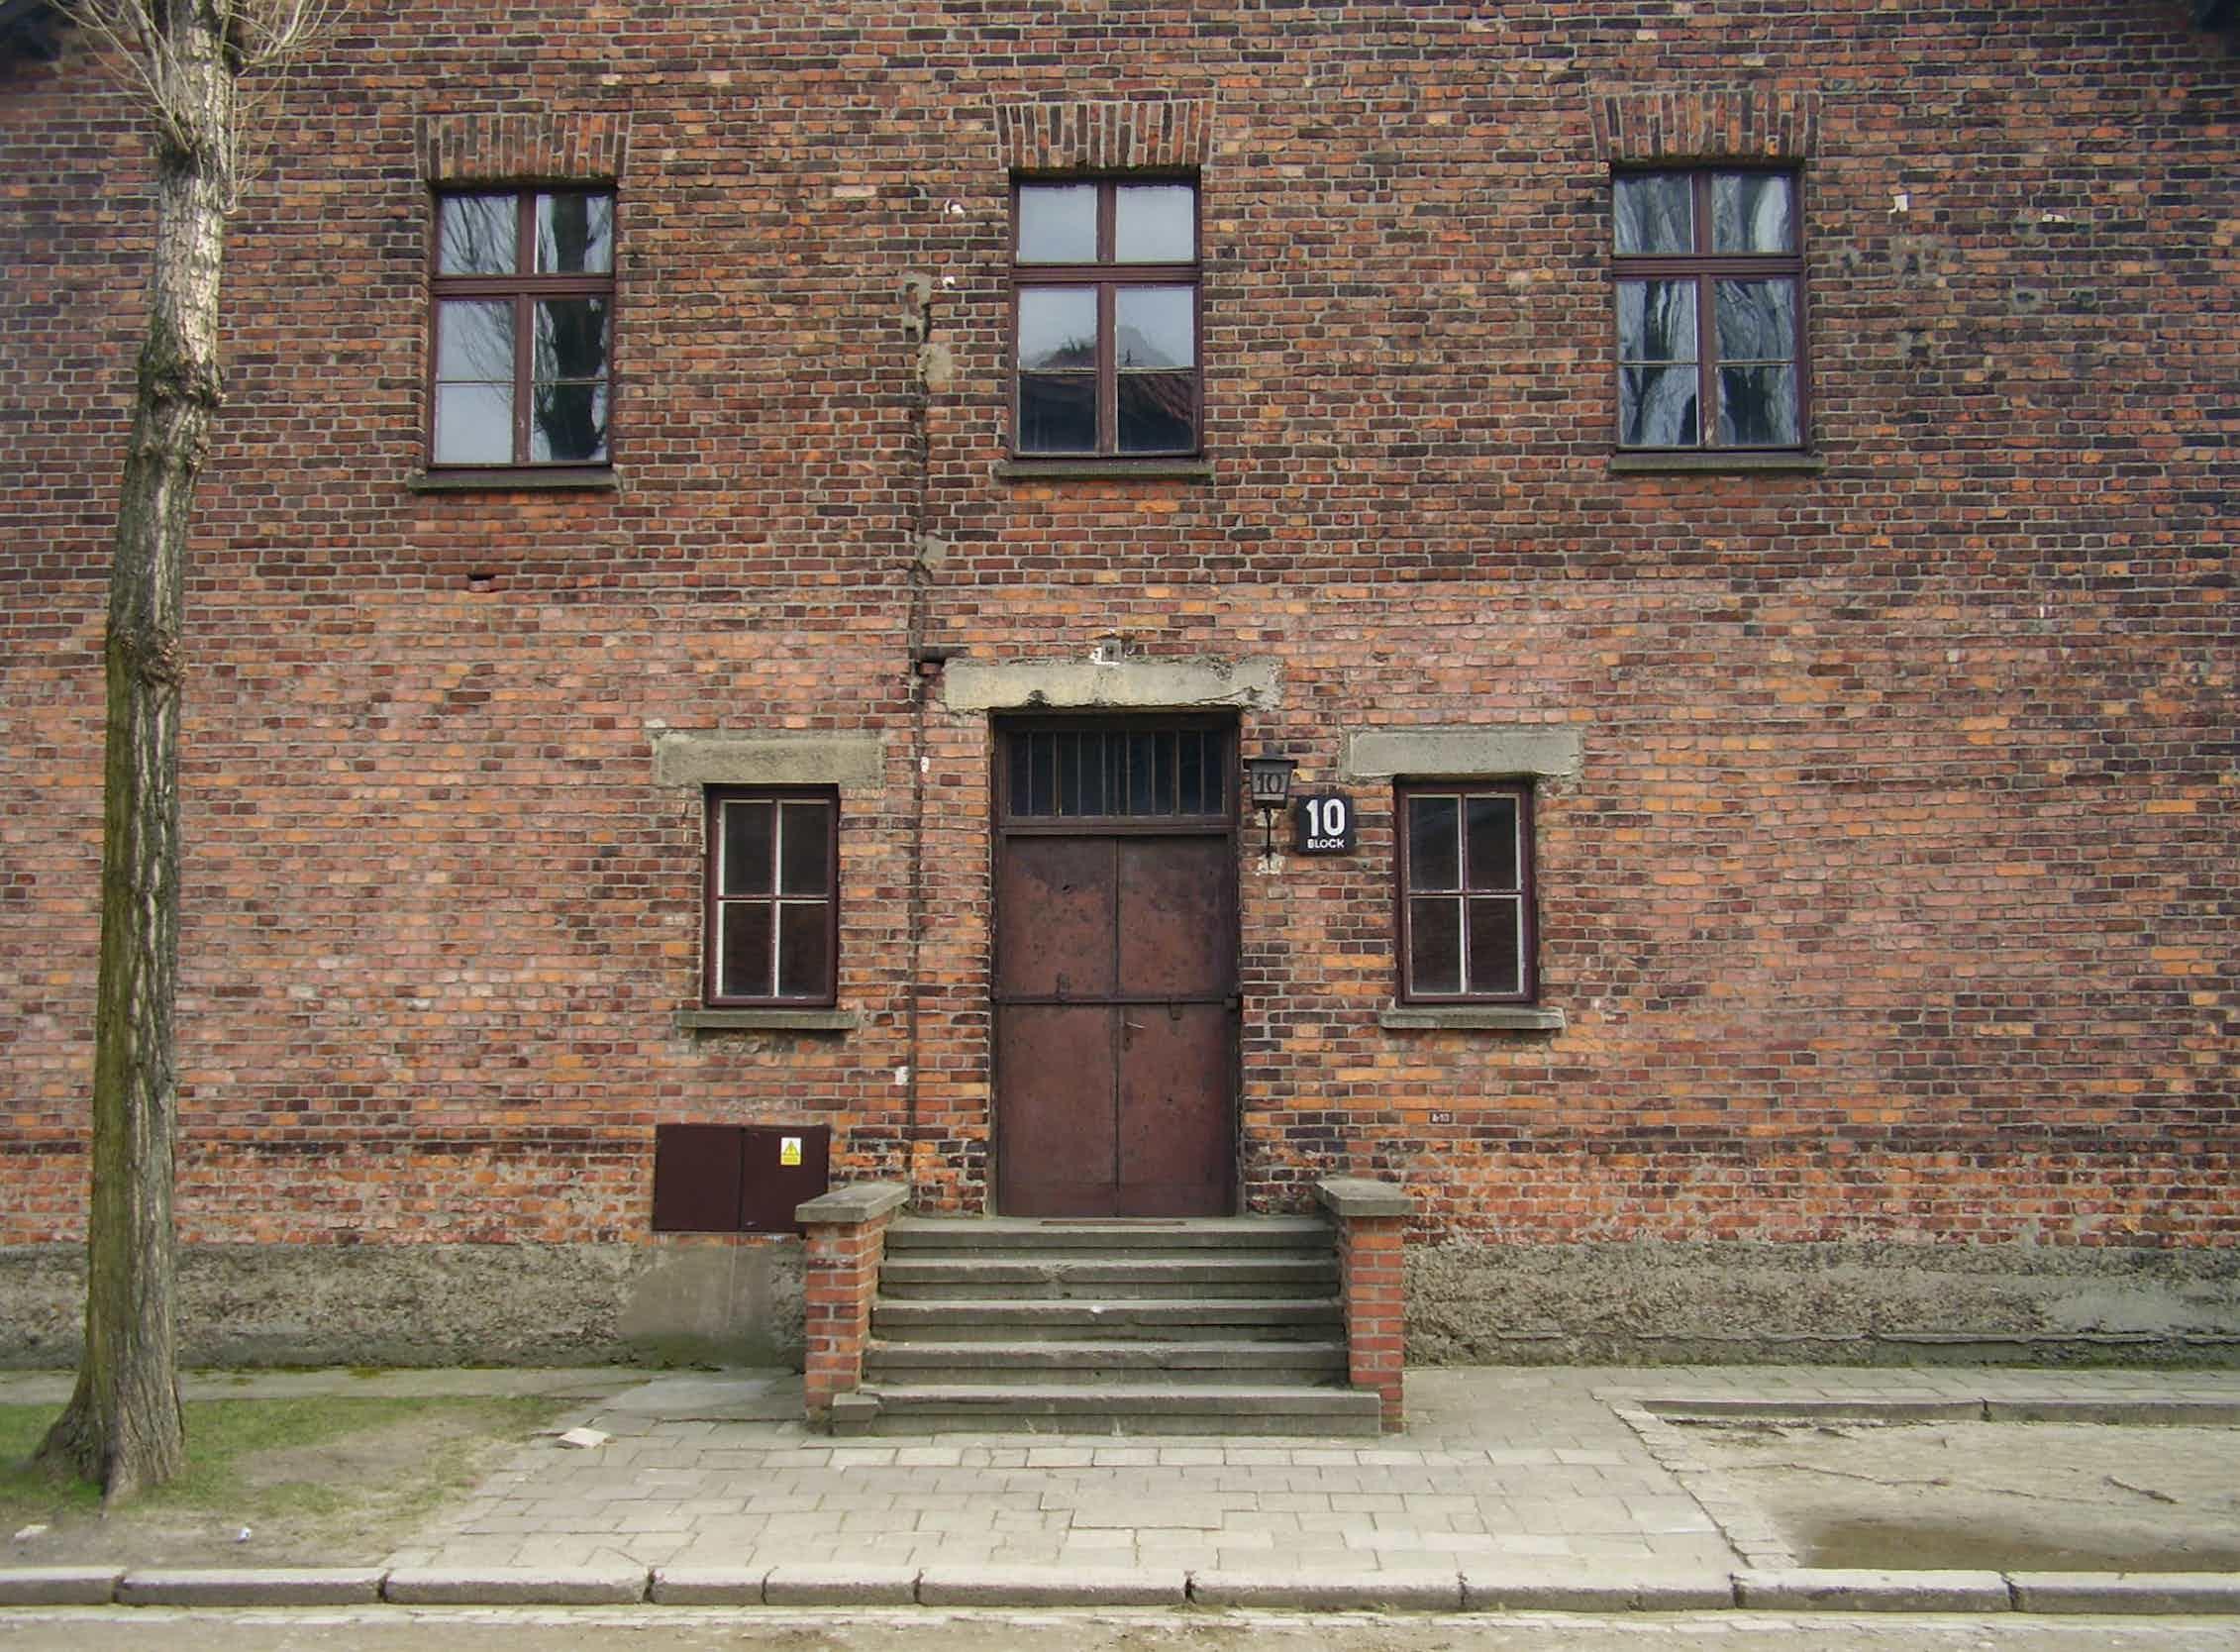 Bloque 10, el pabellón «médico» de Mengele en Auschwitz.Wikimedia Commons / VbCrLf